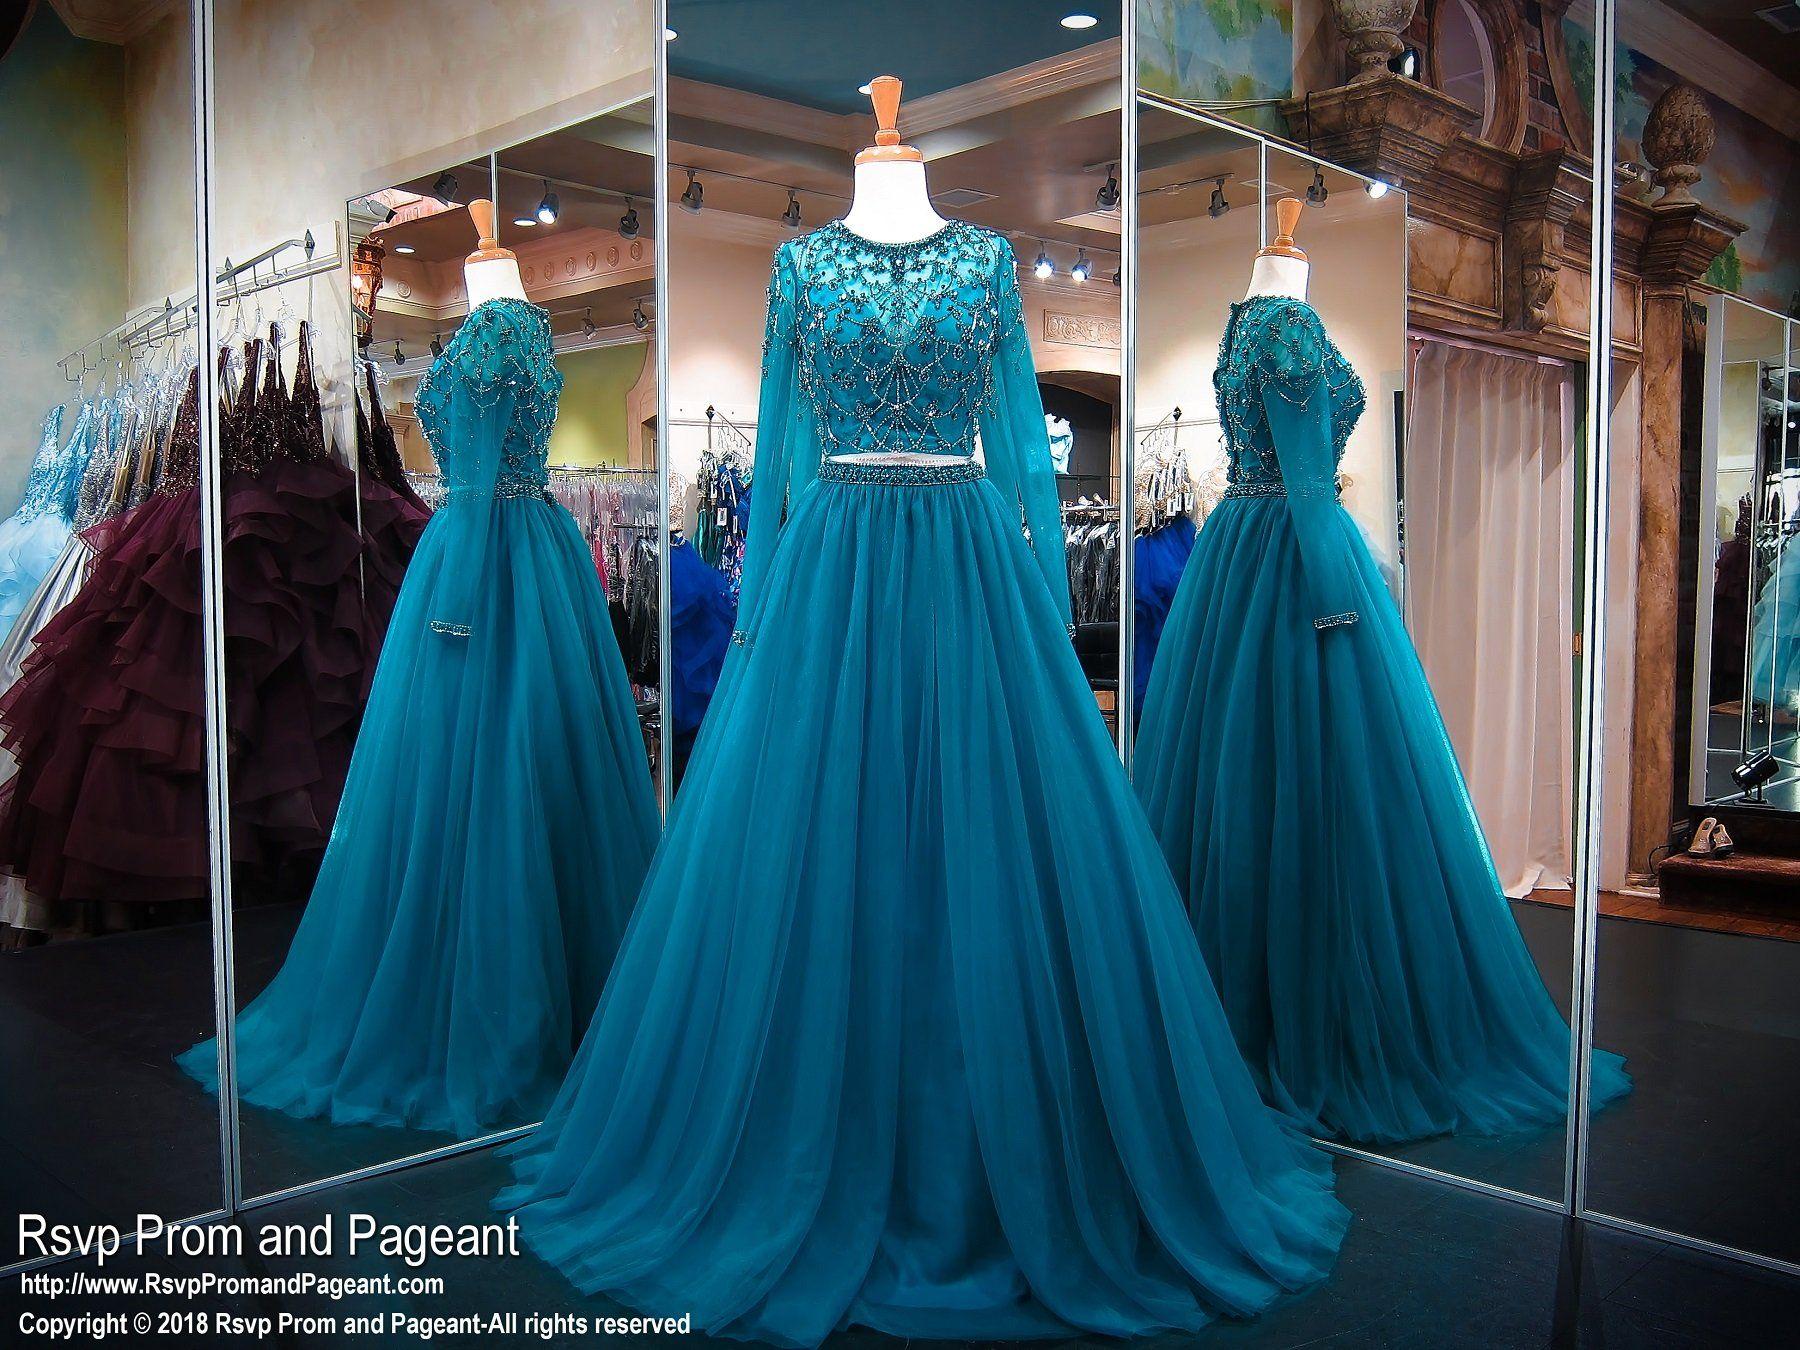 Teal long sleeve two piece ball gown prom dress my fävøurįtè